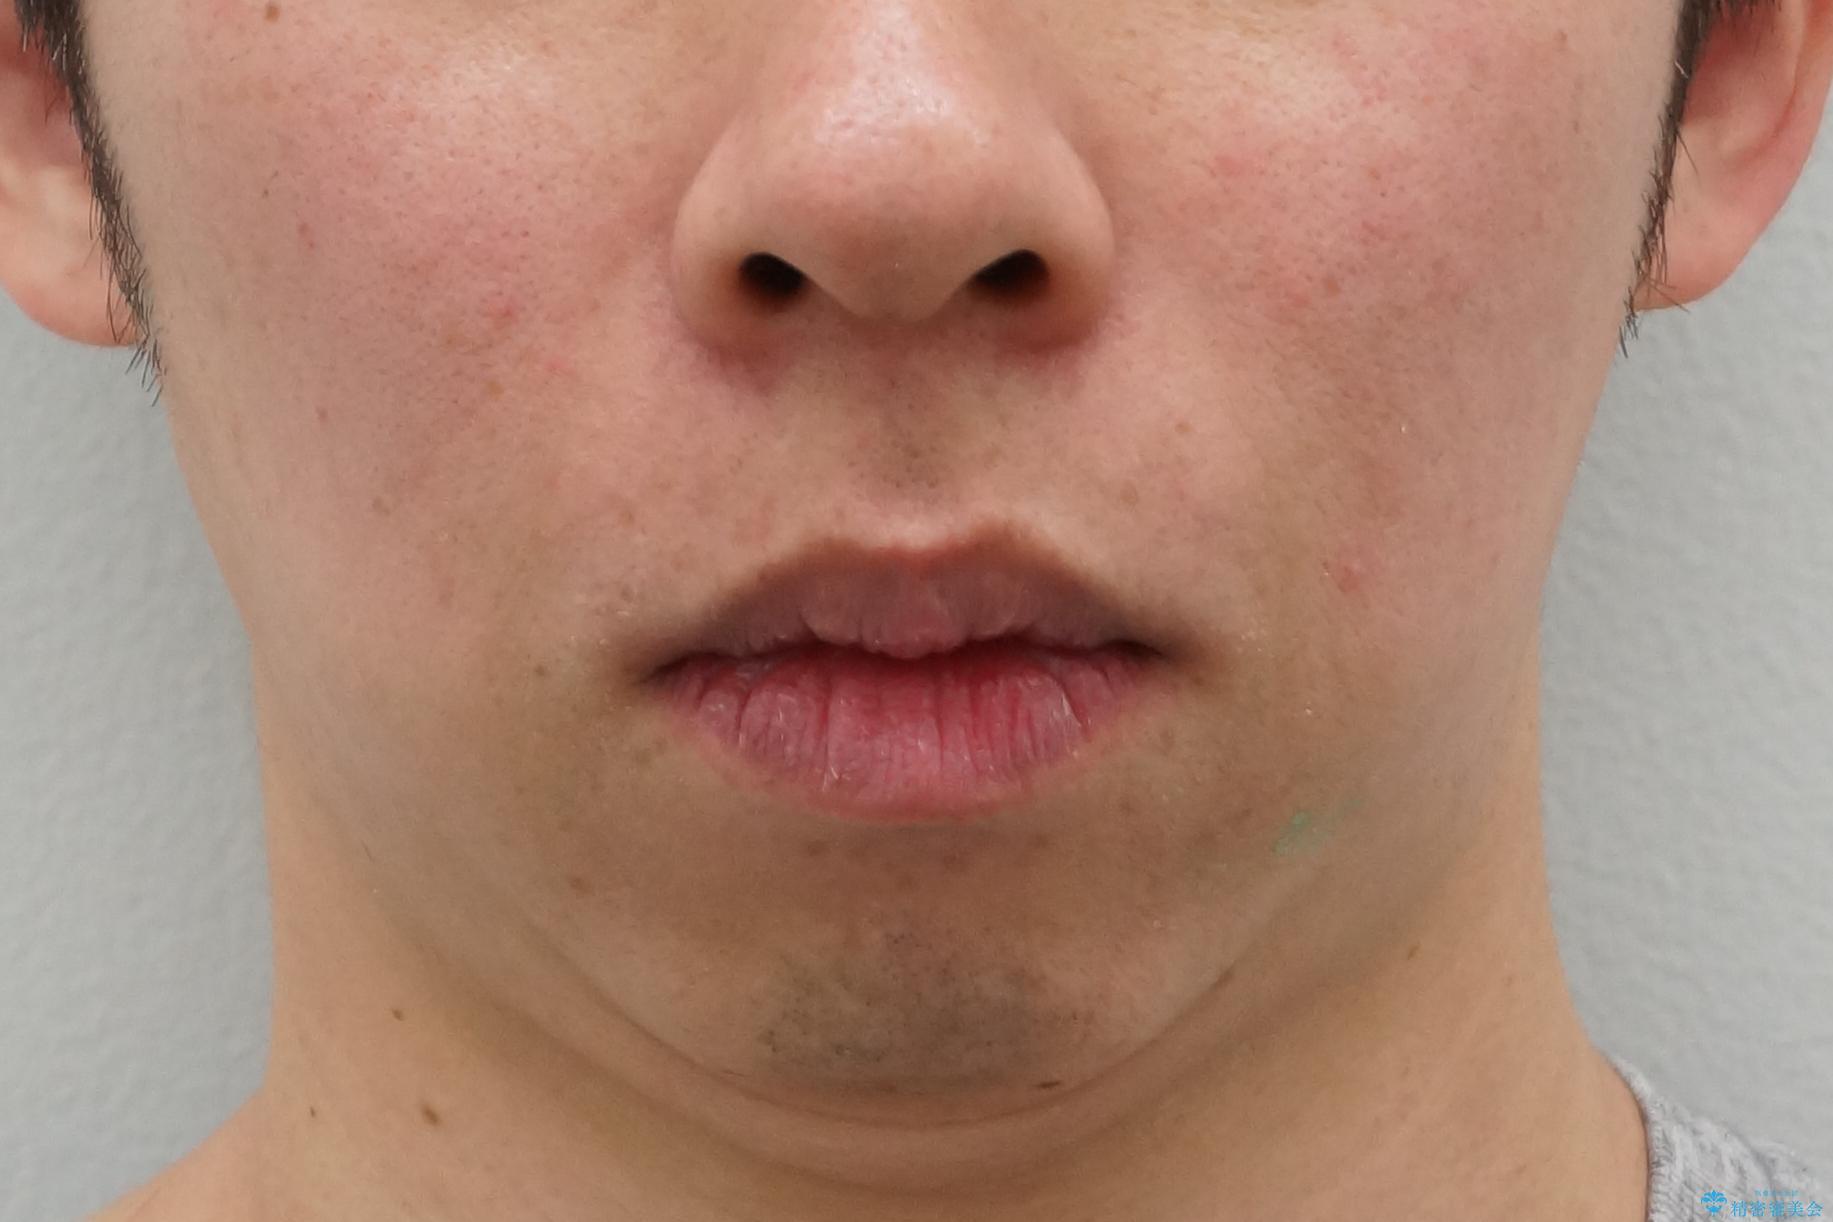 出っ歯 すれ違い咬合の改善 の治療後(顔貌)